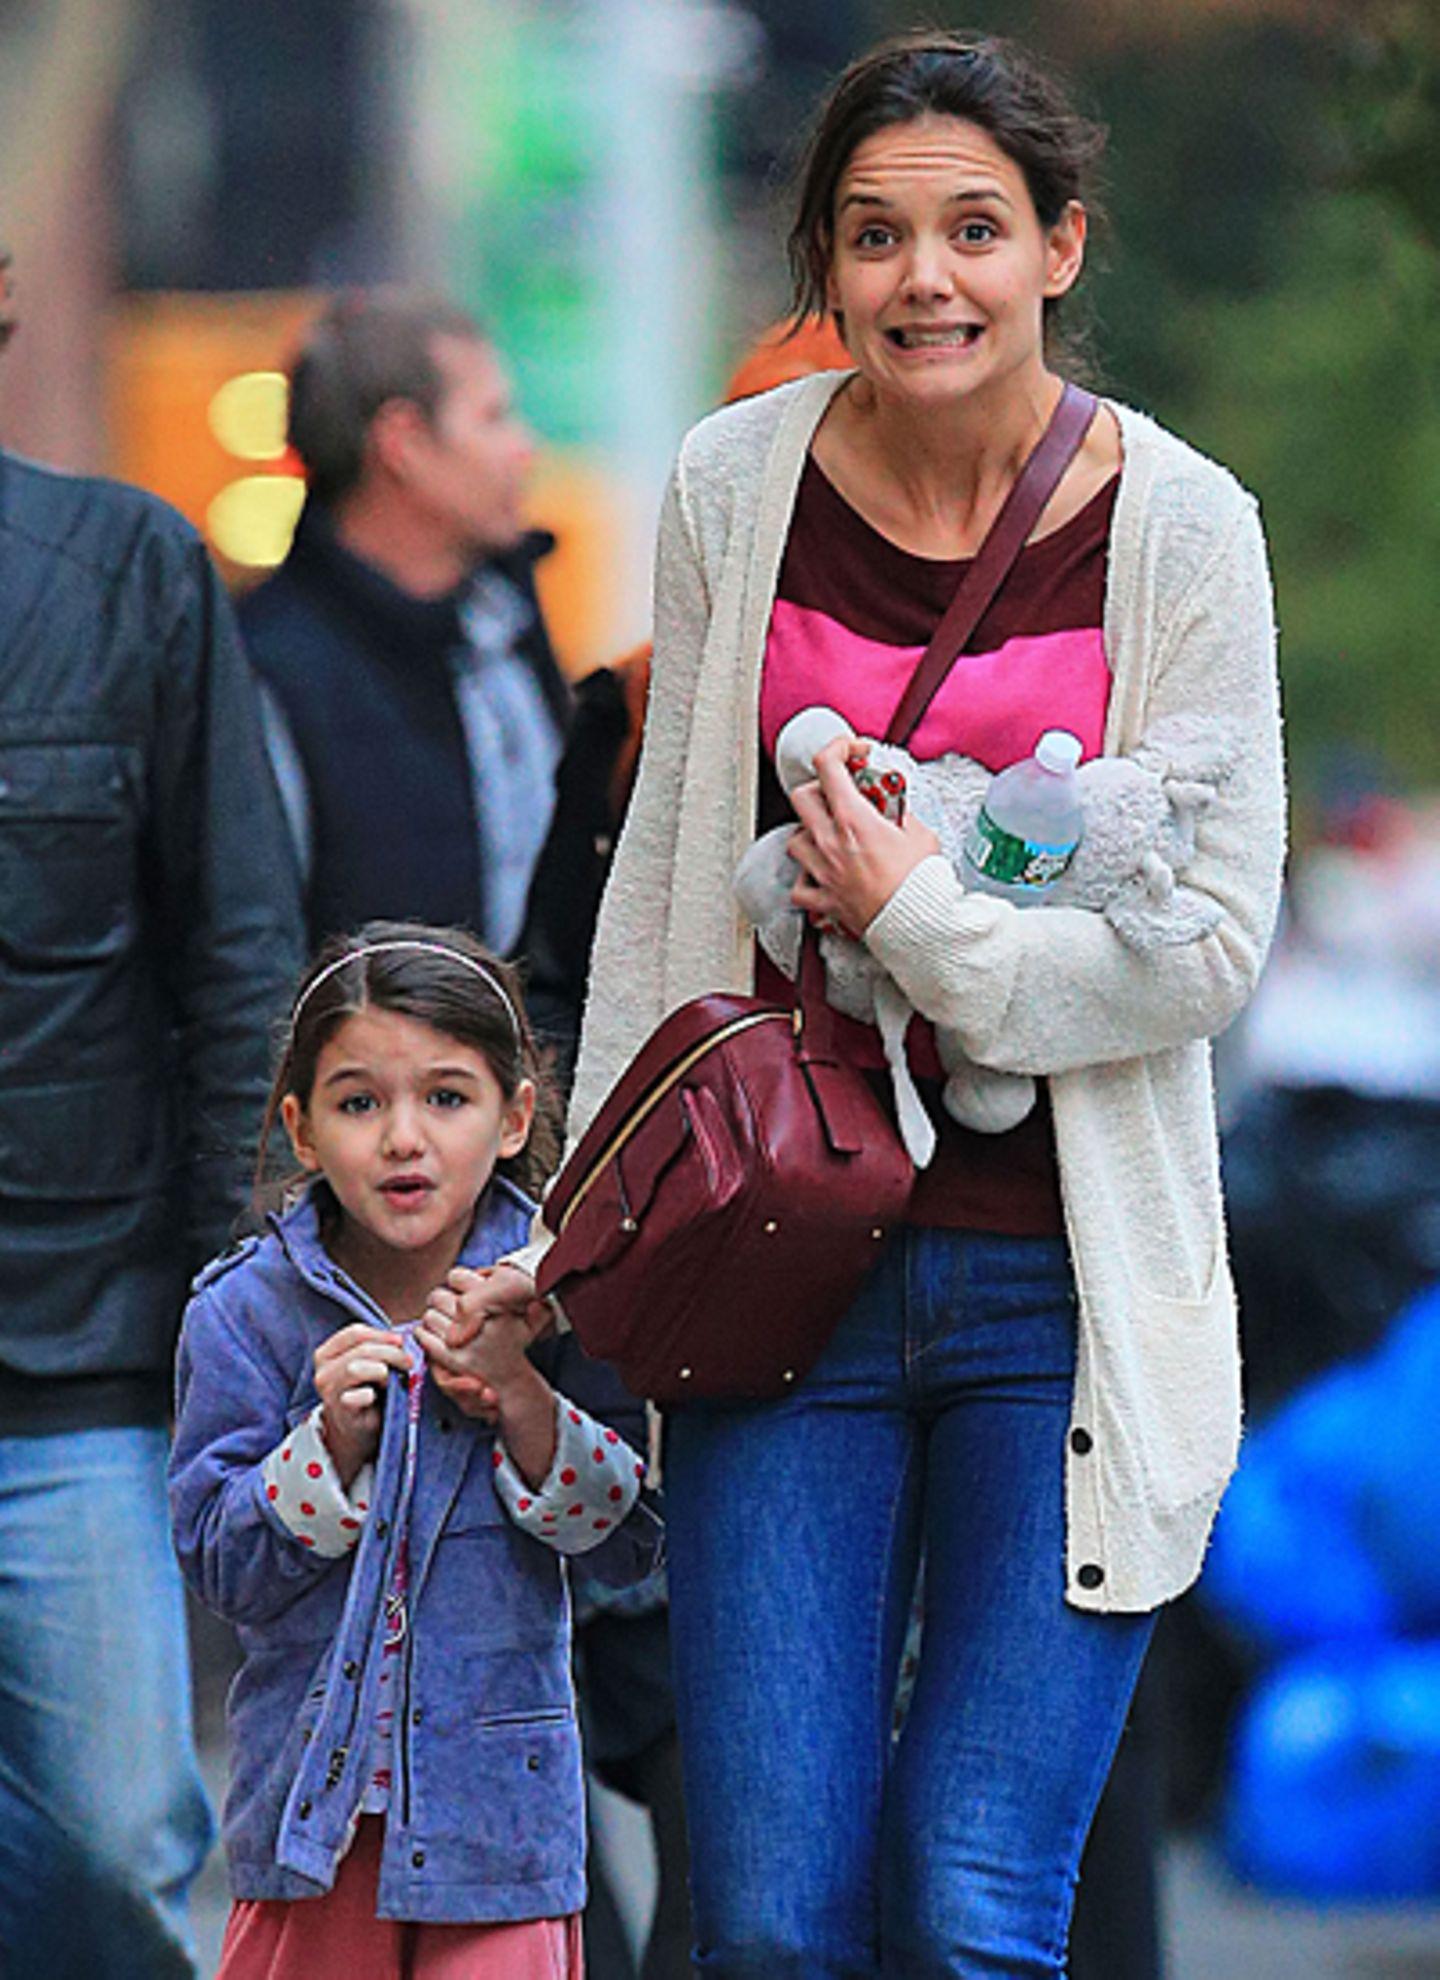 11. November 2012: So sehen Katie Holmes und Tochter Suri aus, wenn sie sich auf Eiscreme freuen. Die beiden sind nämlich gerade